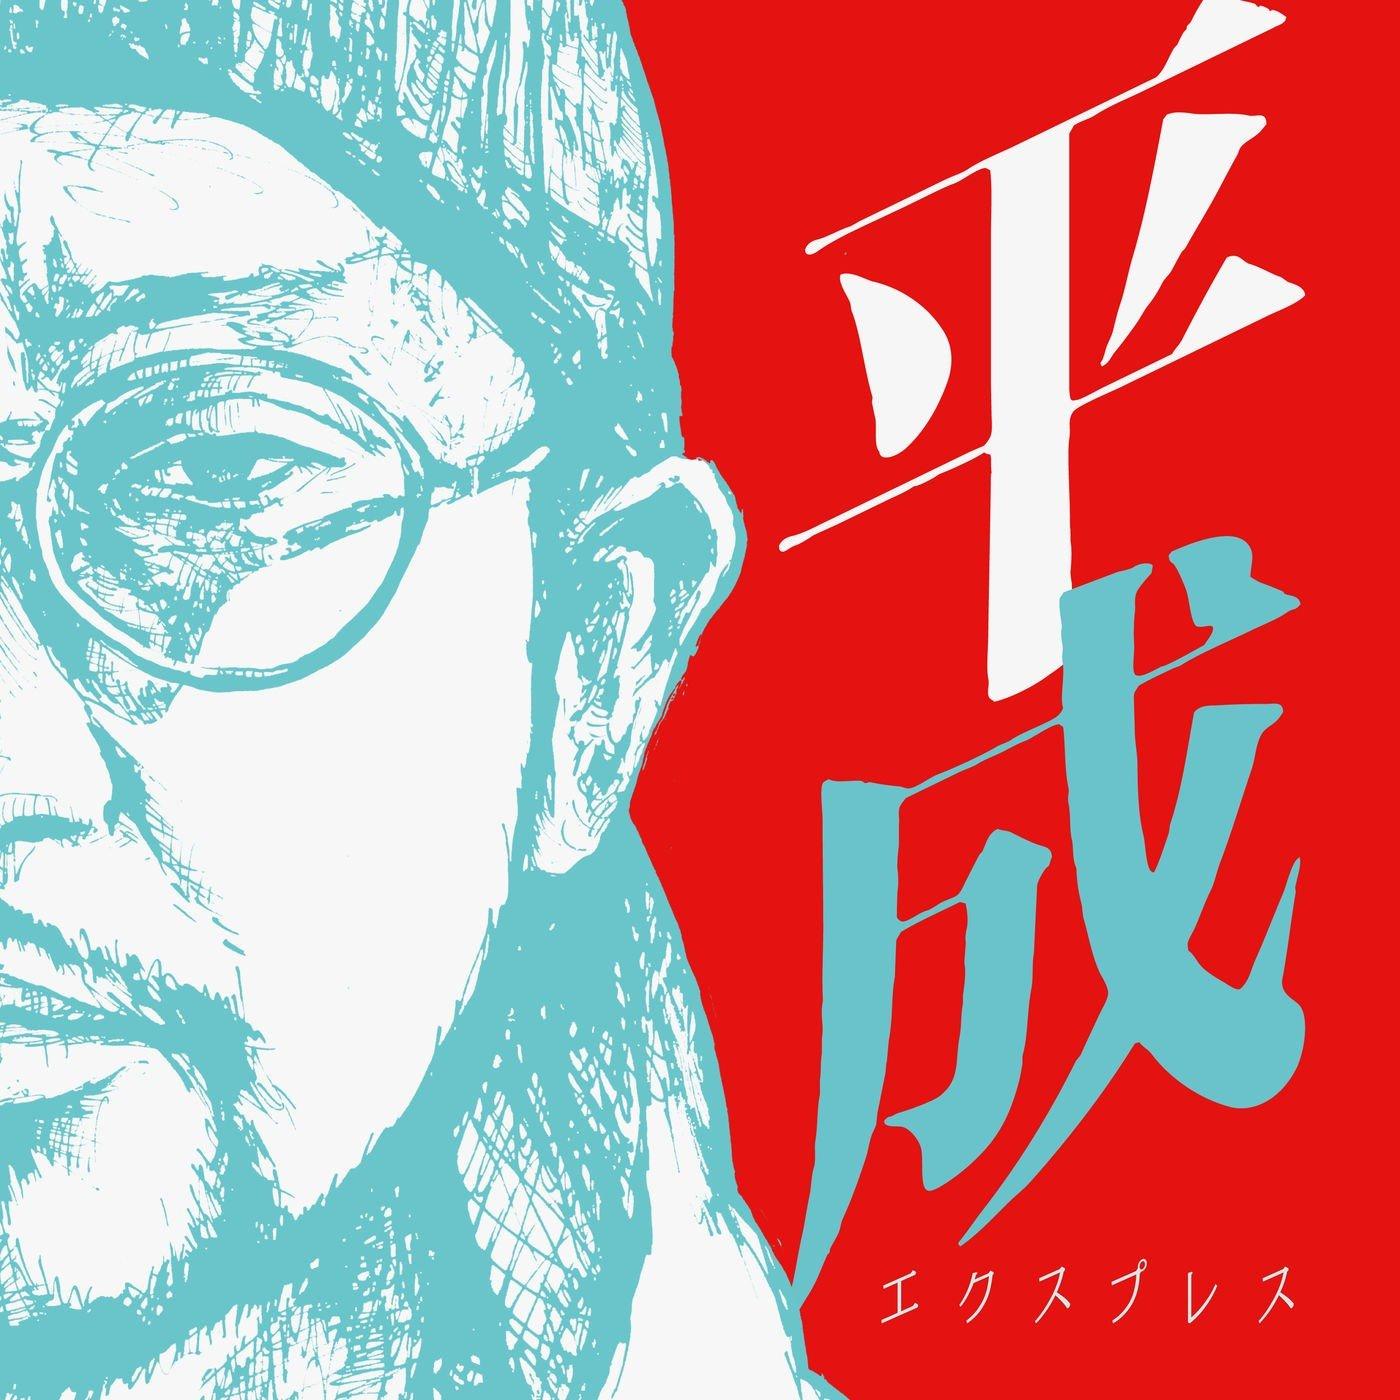 Norikiyo – 平成エクスプレス [FLAC / WEB] [2019.03.01]